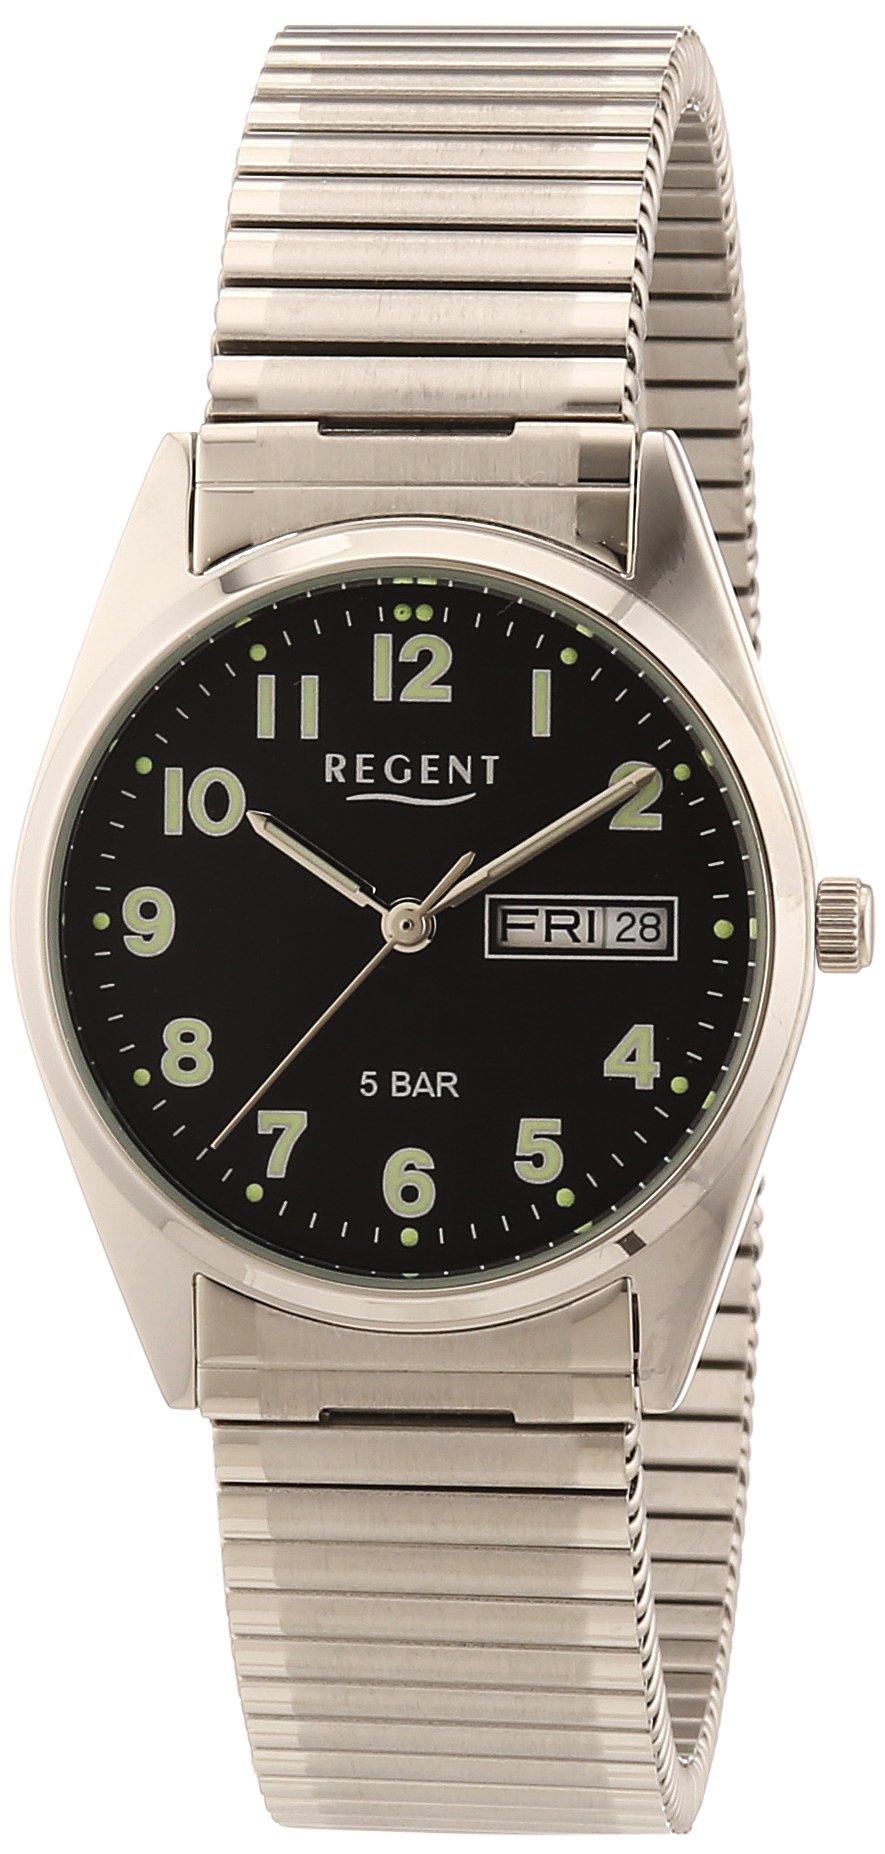 Regent 11310028 - Reloj de caballero de cuarzo, correa de acero inoxidable color plata